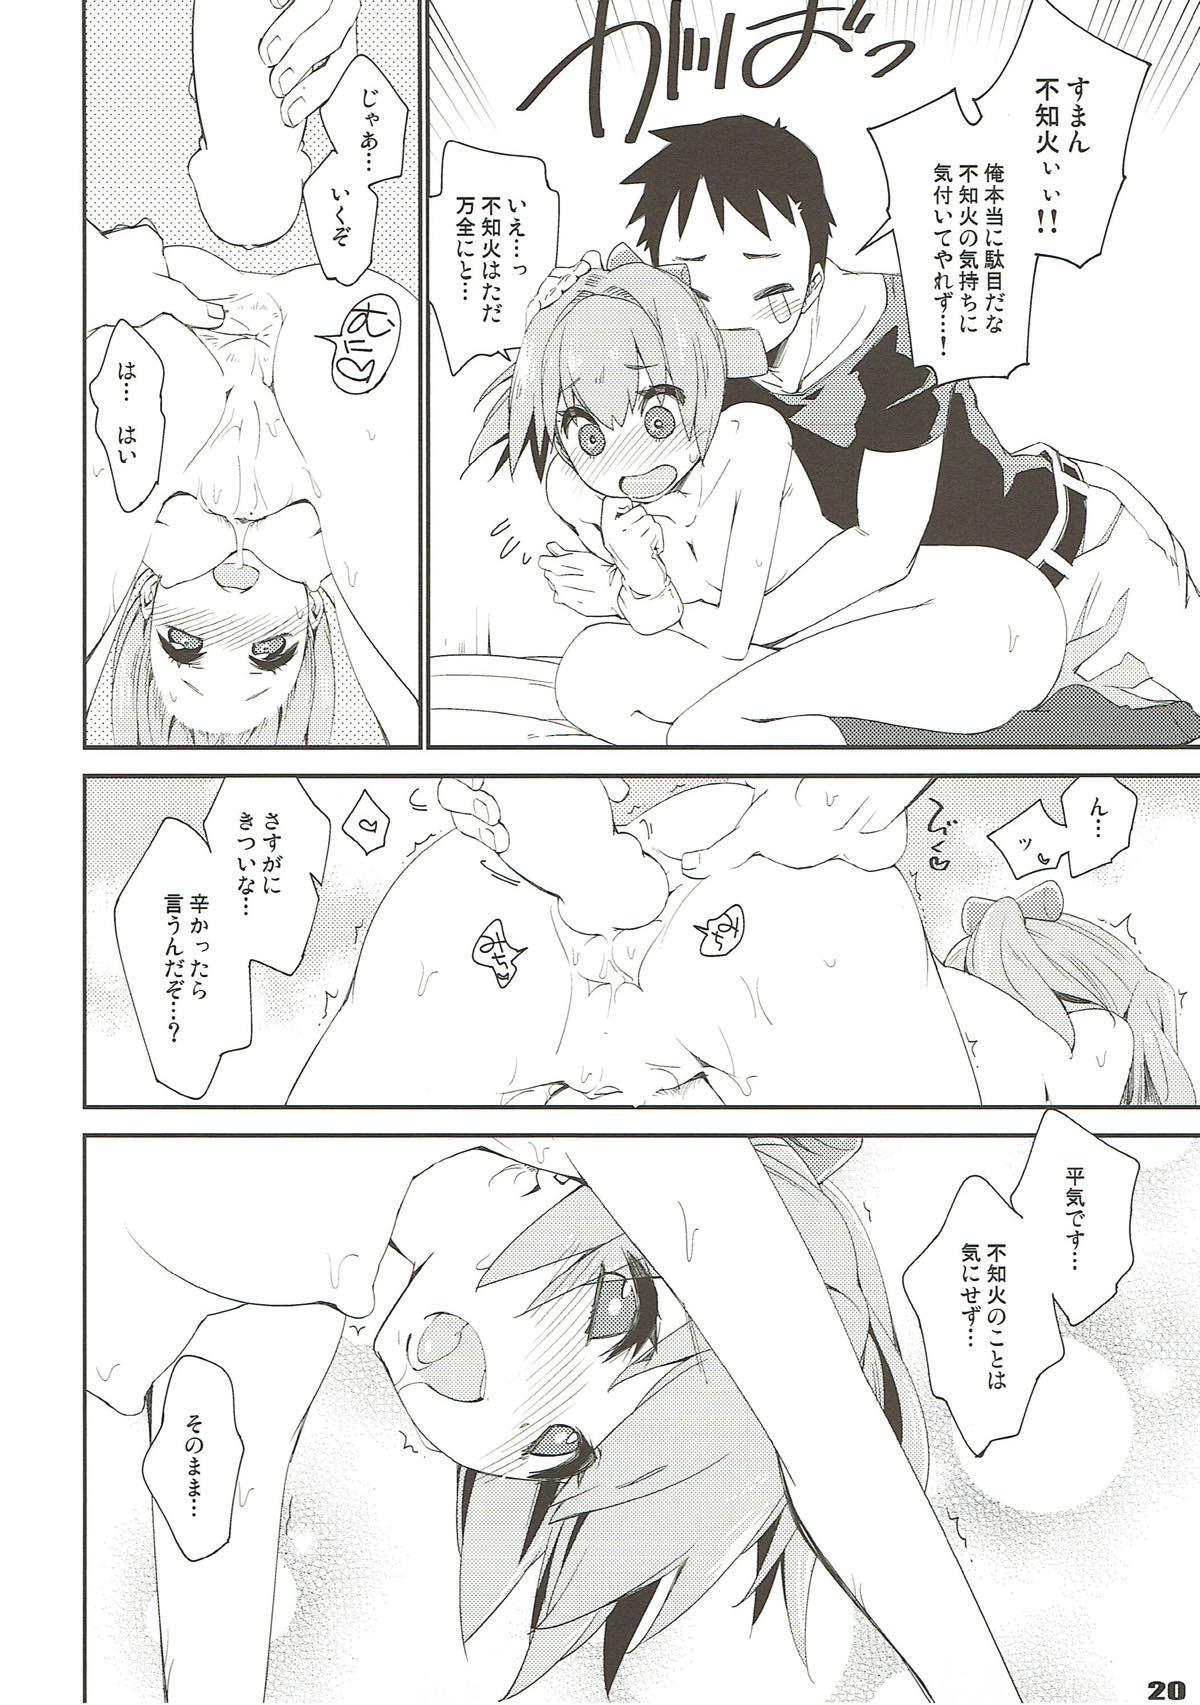 Shiranui wa Teitoku de... 16